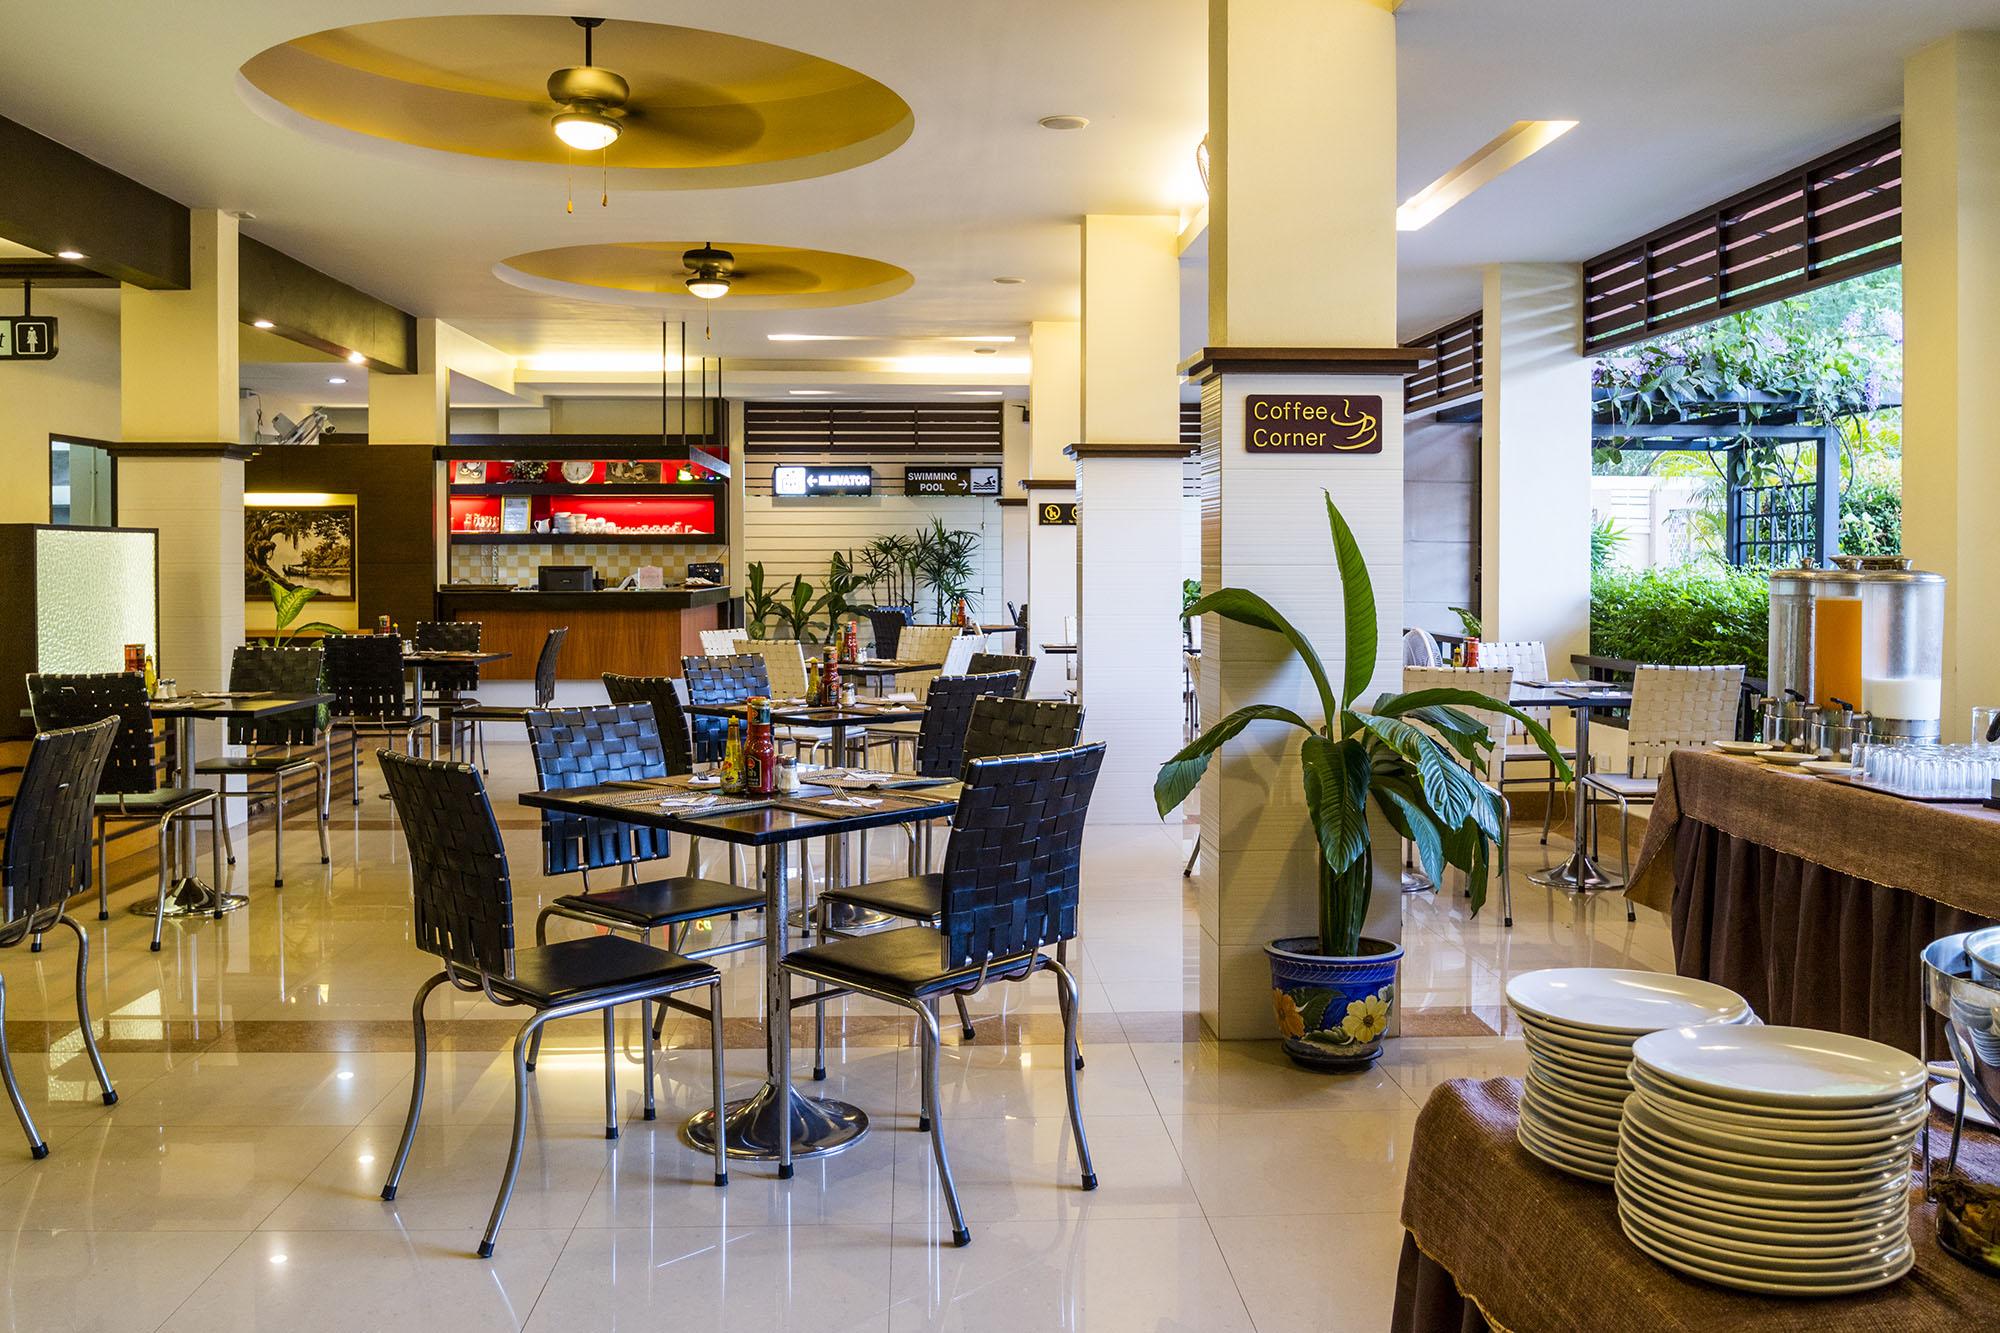 โรงแรมสกุลชัย เพลส โรงแรมฮาลาล เชียงใหม่  โรงแรมสกุลชัย เพลส เชียงใหม่ ห้องพักสะอาด ราคาหลักร้อย IMG 7232